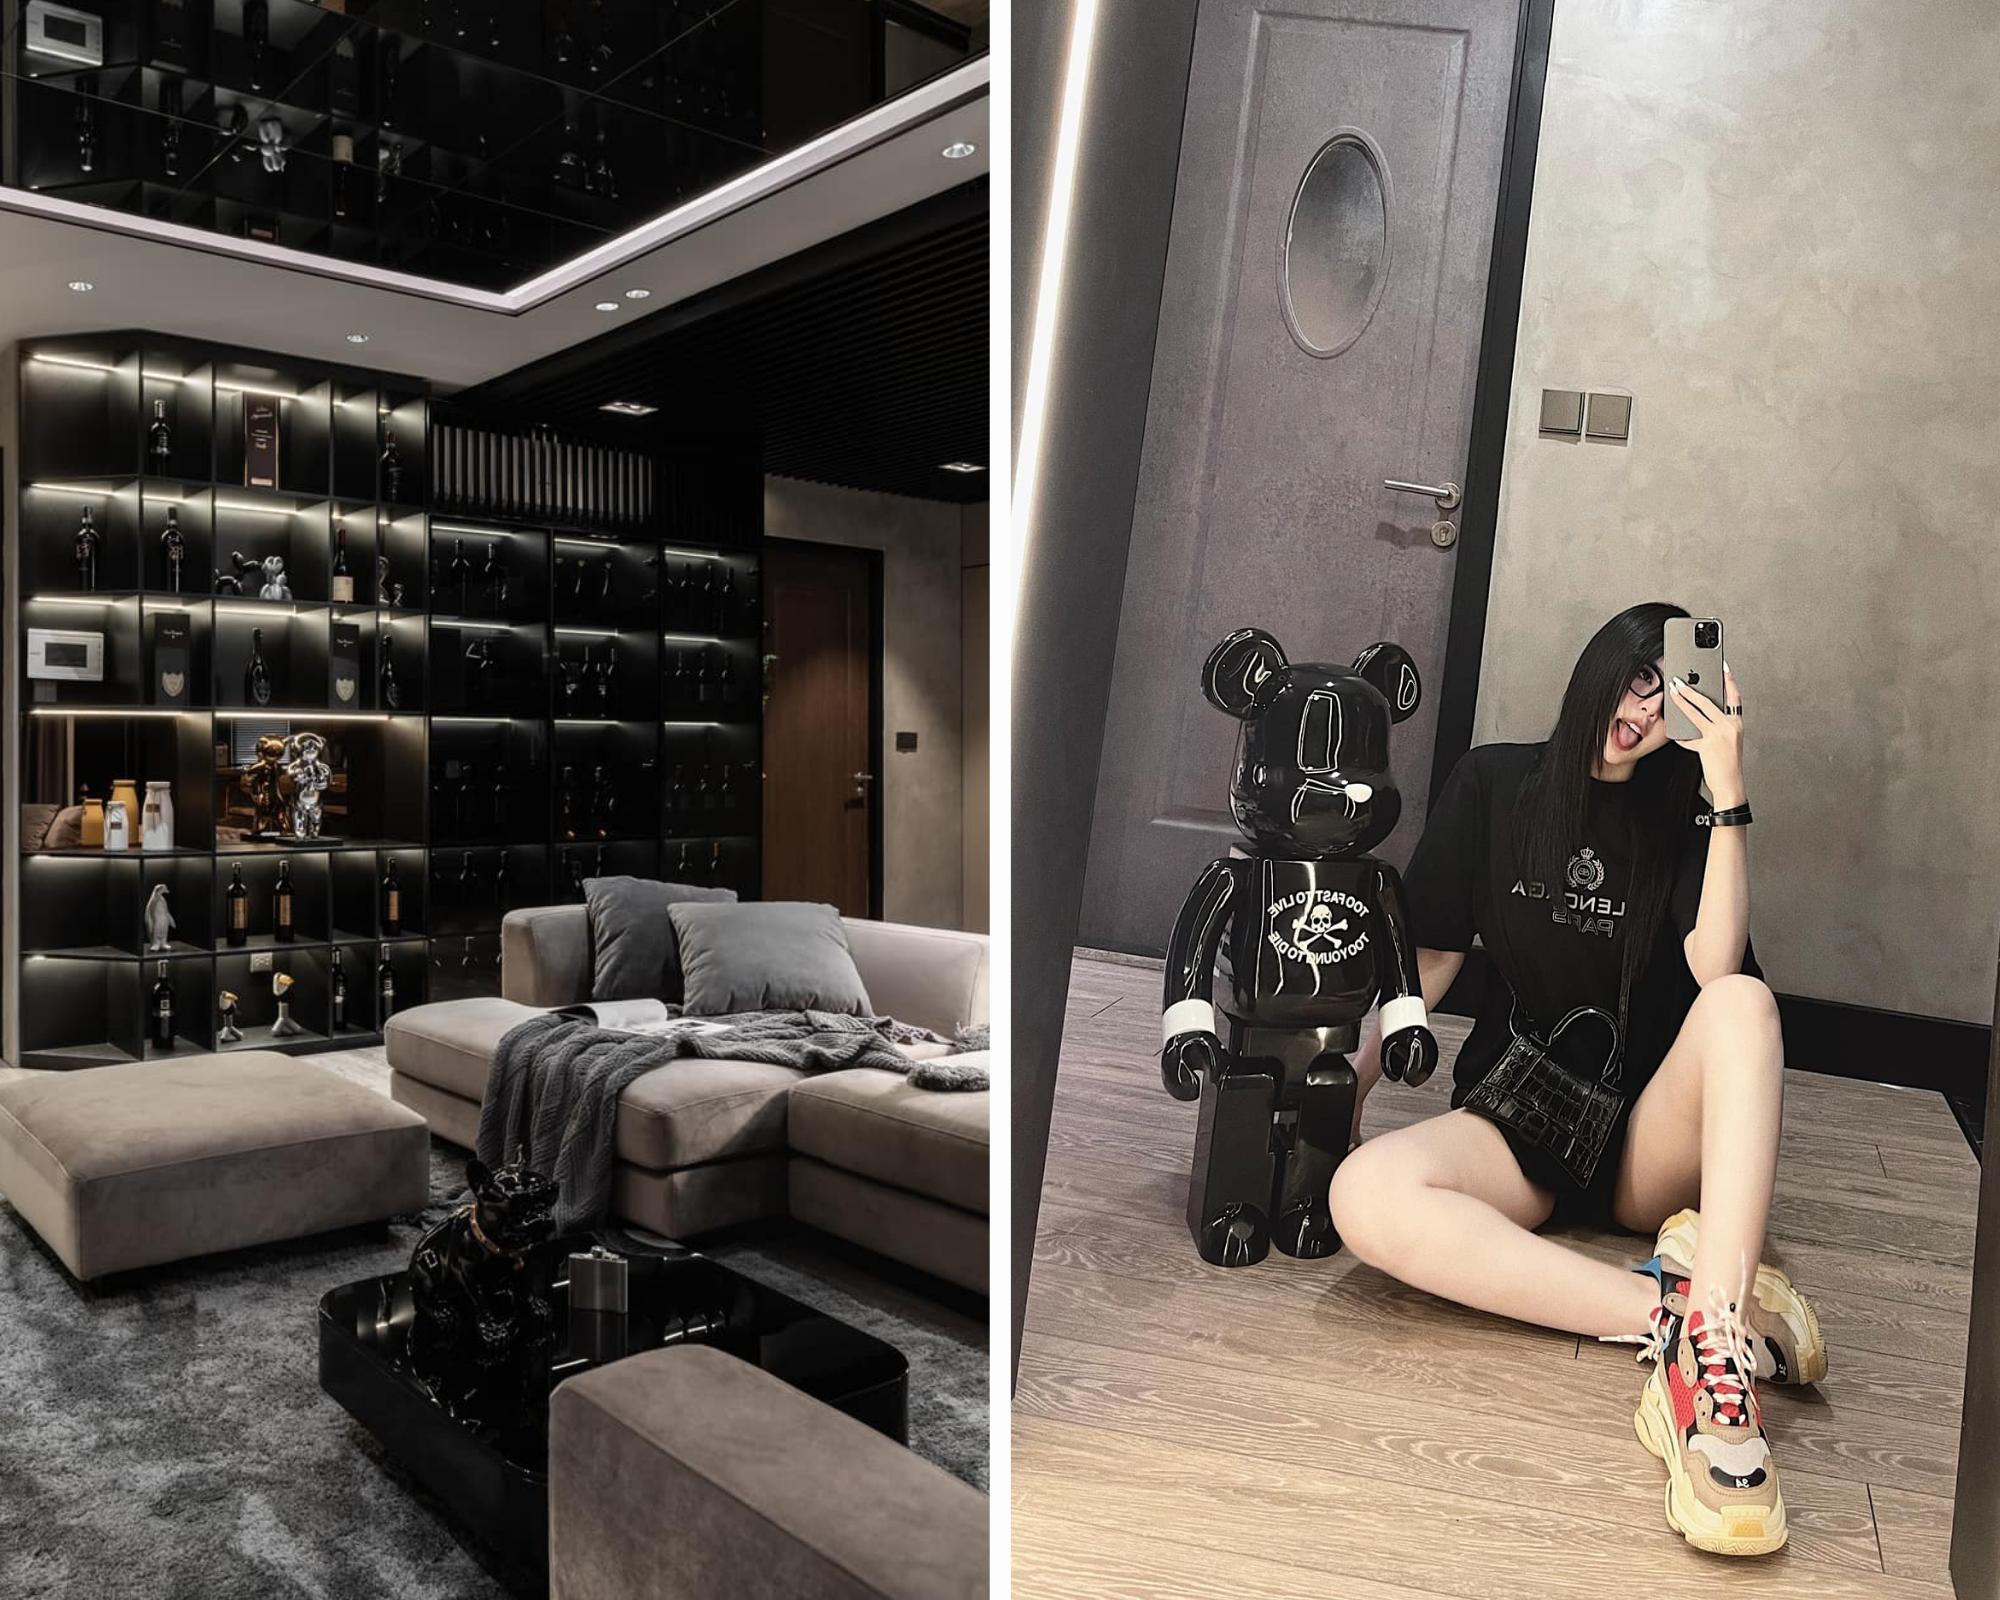 Hotgirl 9x vừa đẹp, vừa giàu: 25 tuổi đã tậu nhà 7 tỷ, sắm nội thất xa xỉ chỉ để sống ảo khoe vẻ 'nam tính'